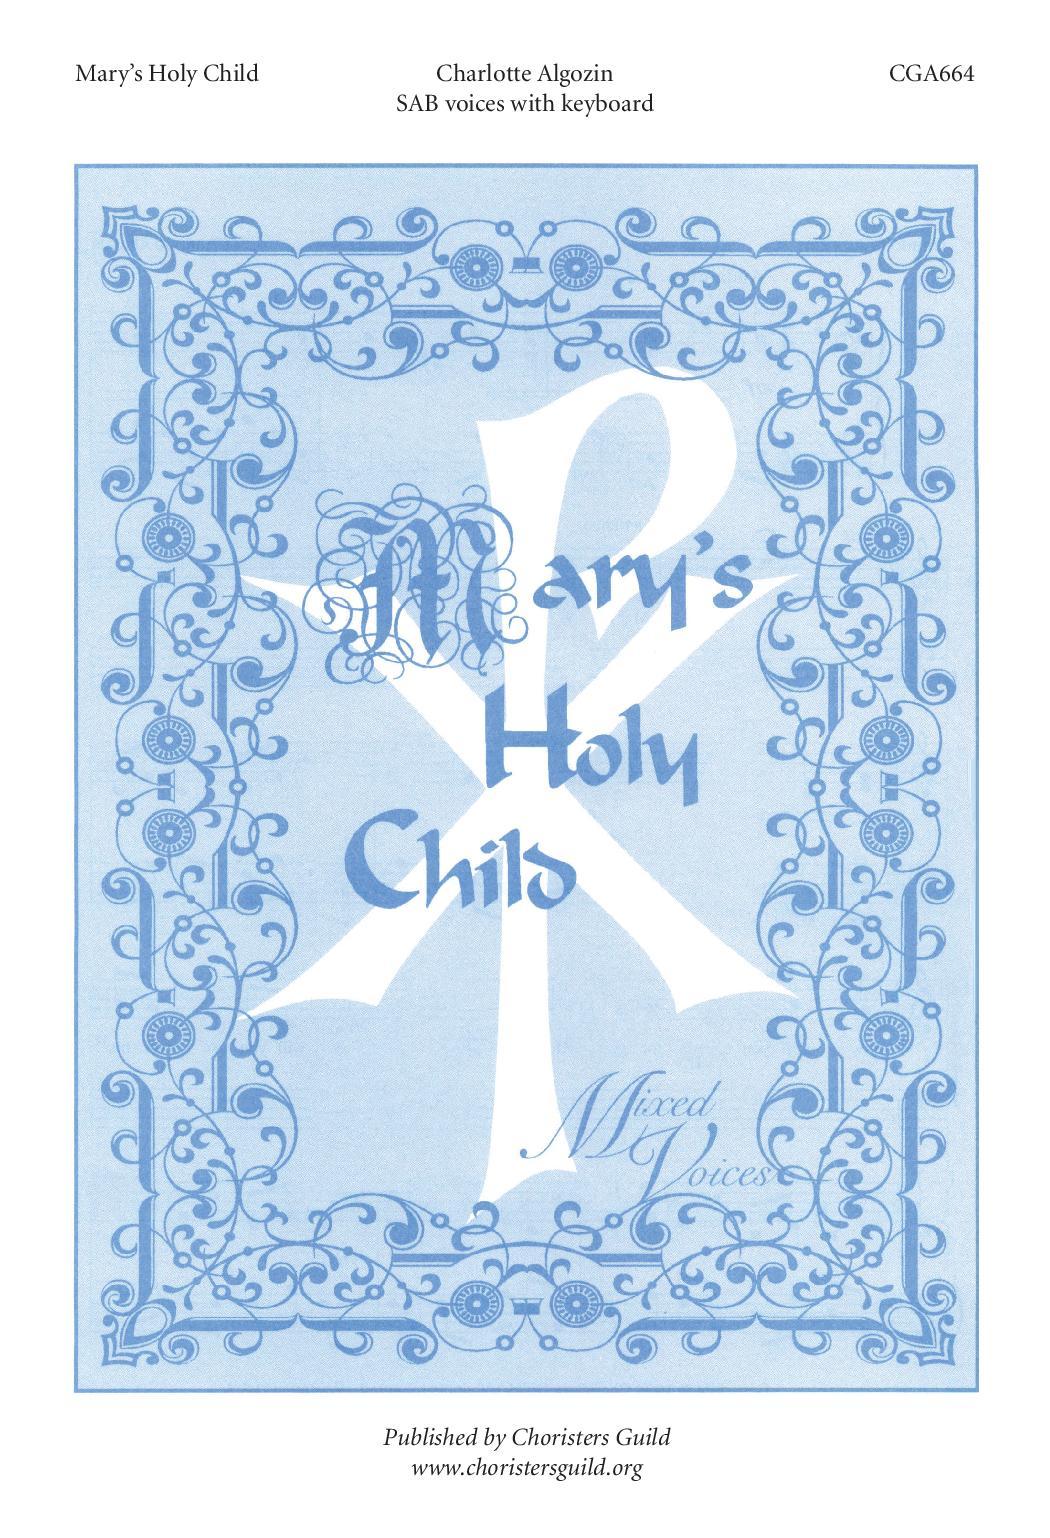 Mary's Holy Child